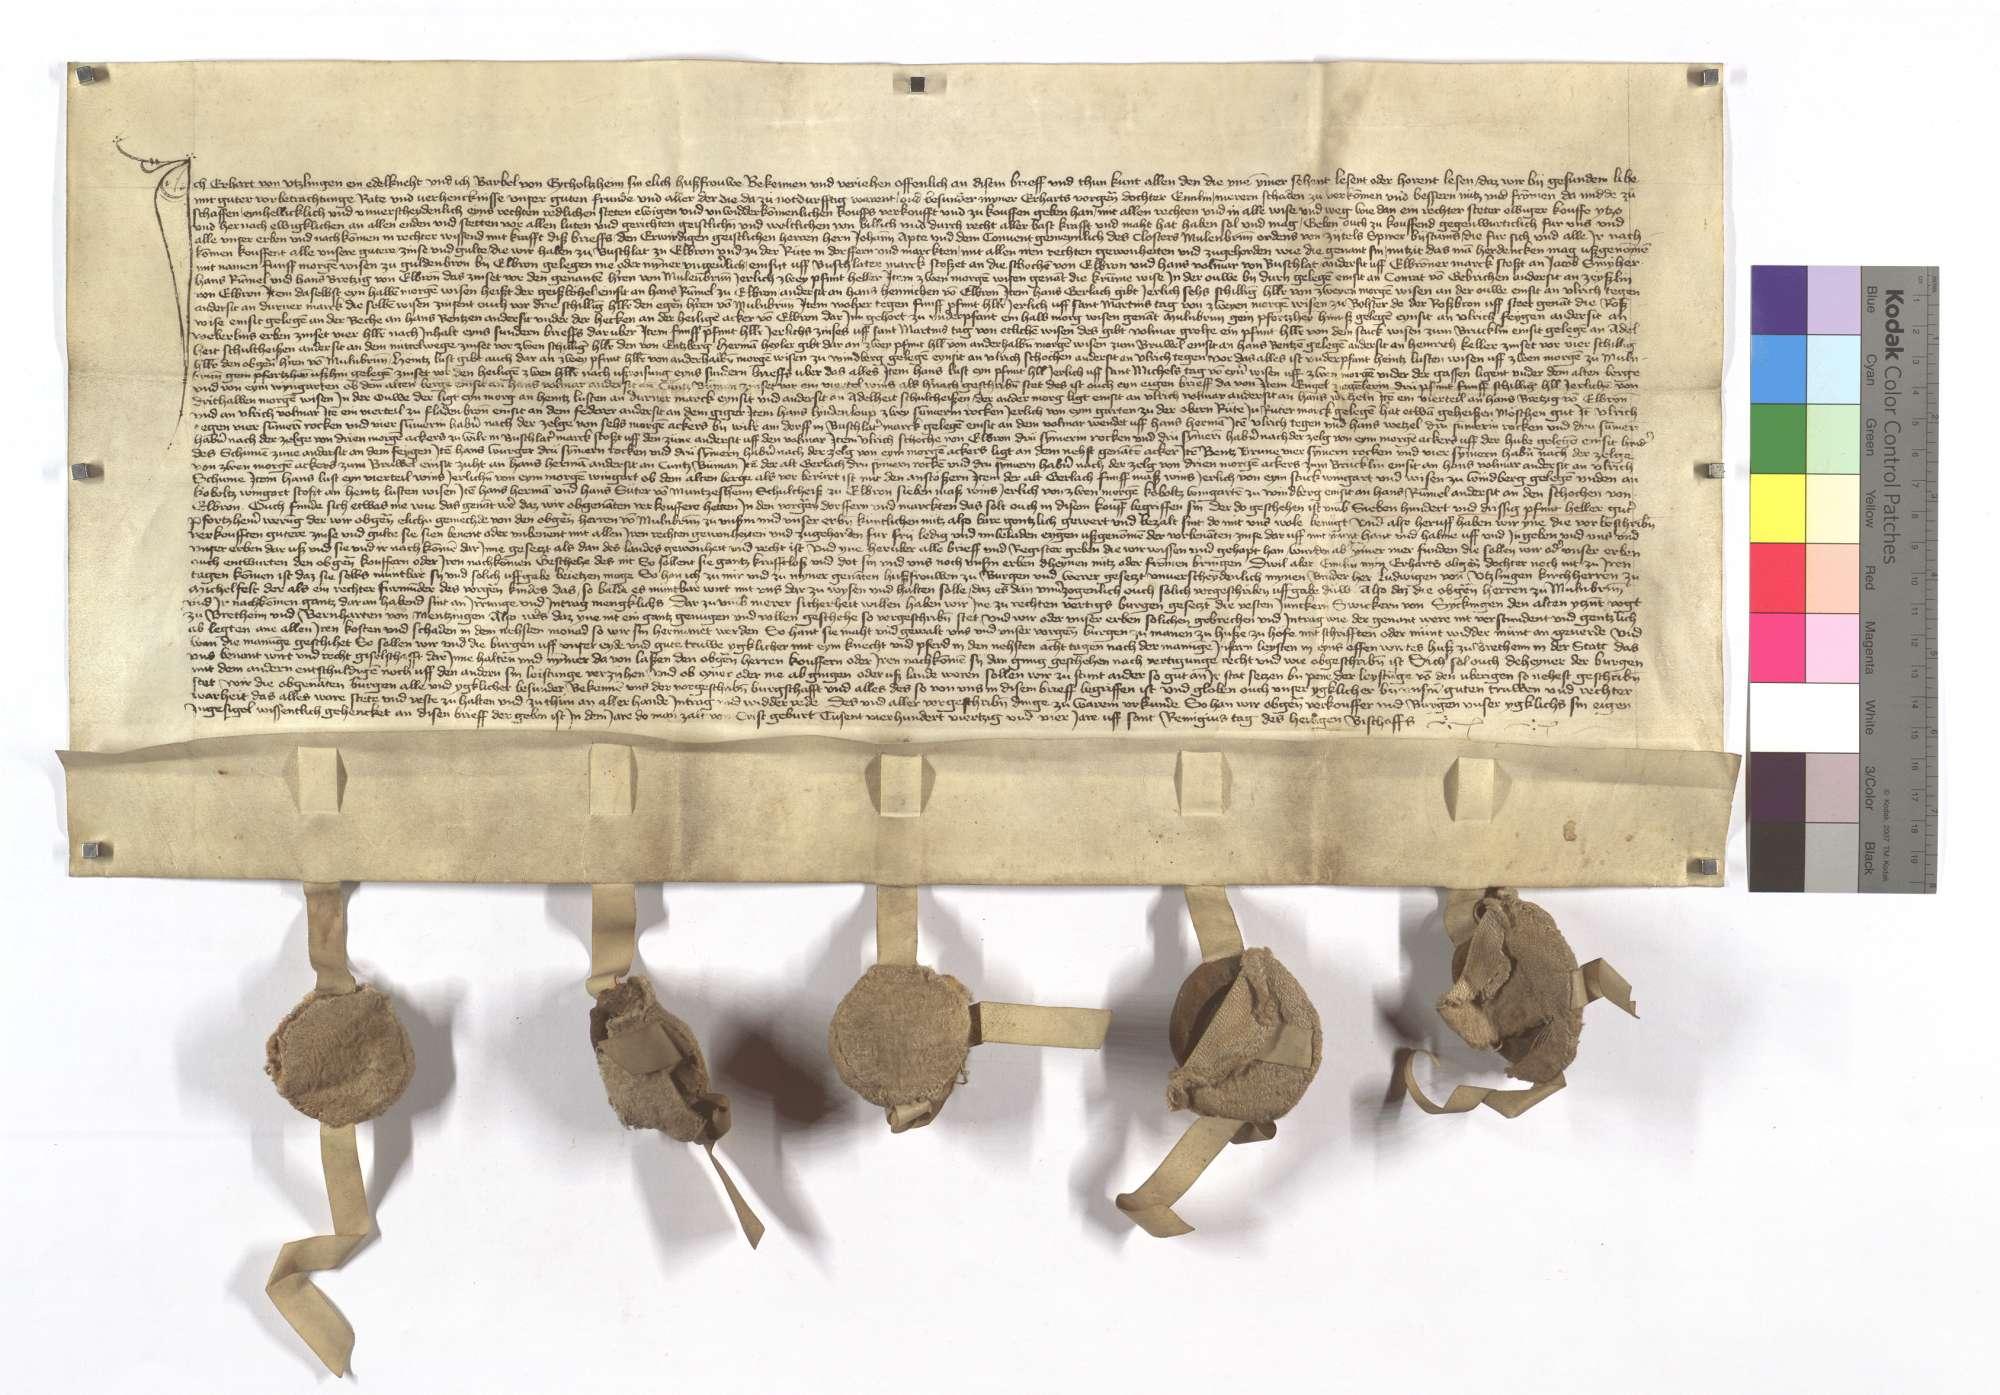 Erhard von Itzlingen (Ützlingen) verkauft dem Kloster Maulbronn seine Güter, Zinsen und Gülten in Bauschlott, Ölbronn und Ruit (zu der Rüti) mit Ausnahme etlicher Morgen Wiesen., Text